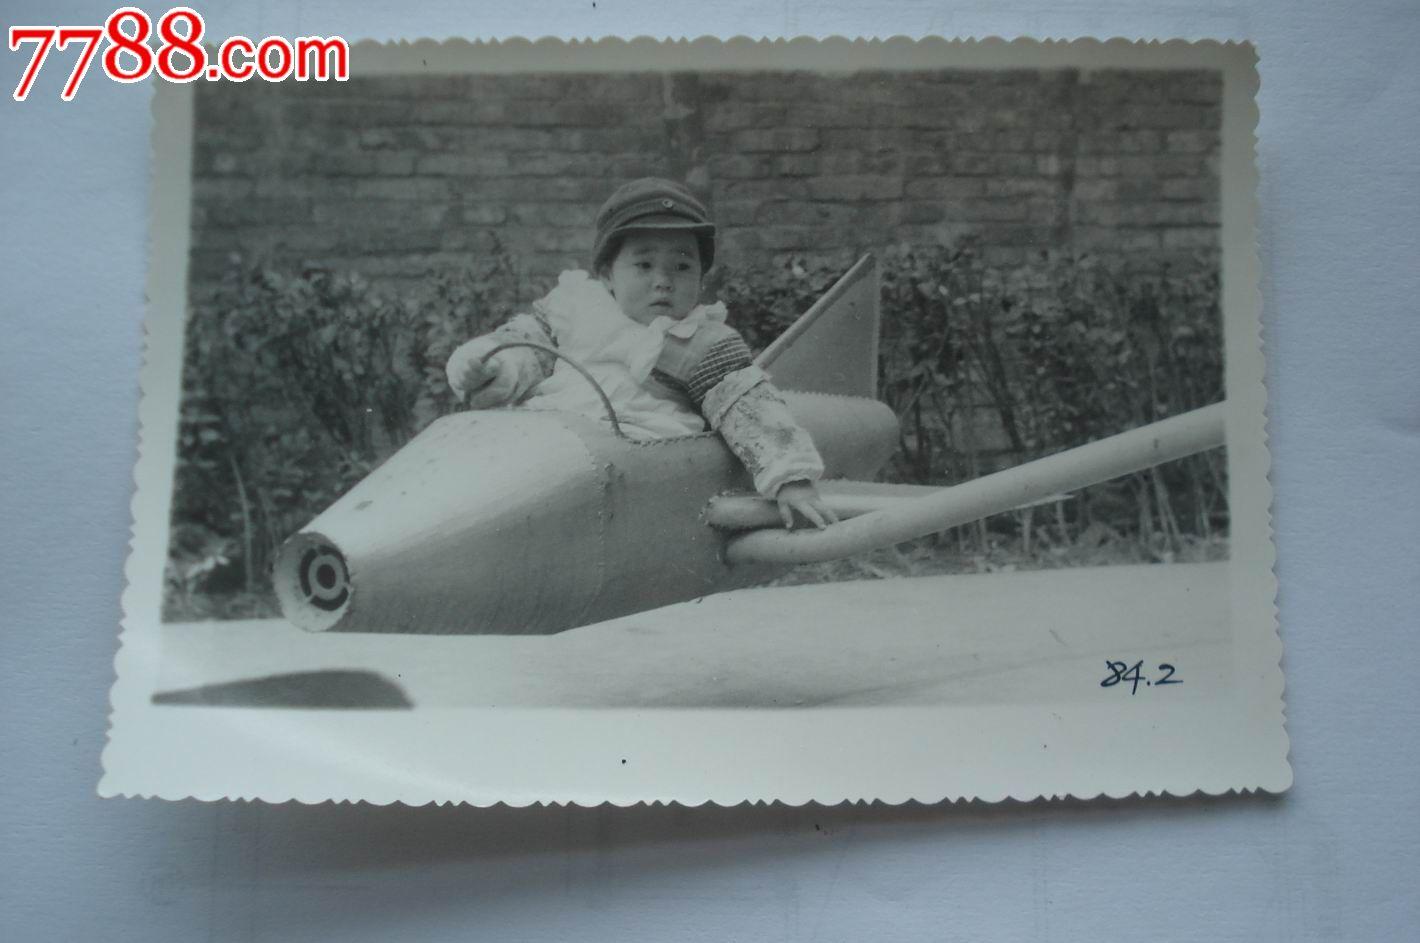 坐飞机的小朋友